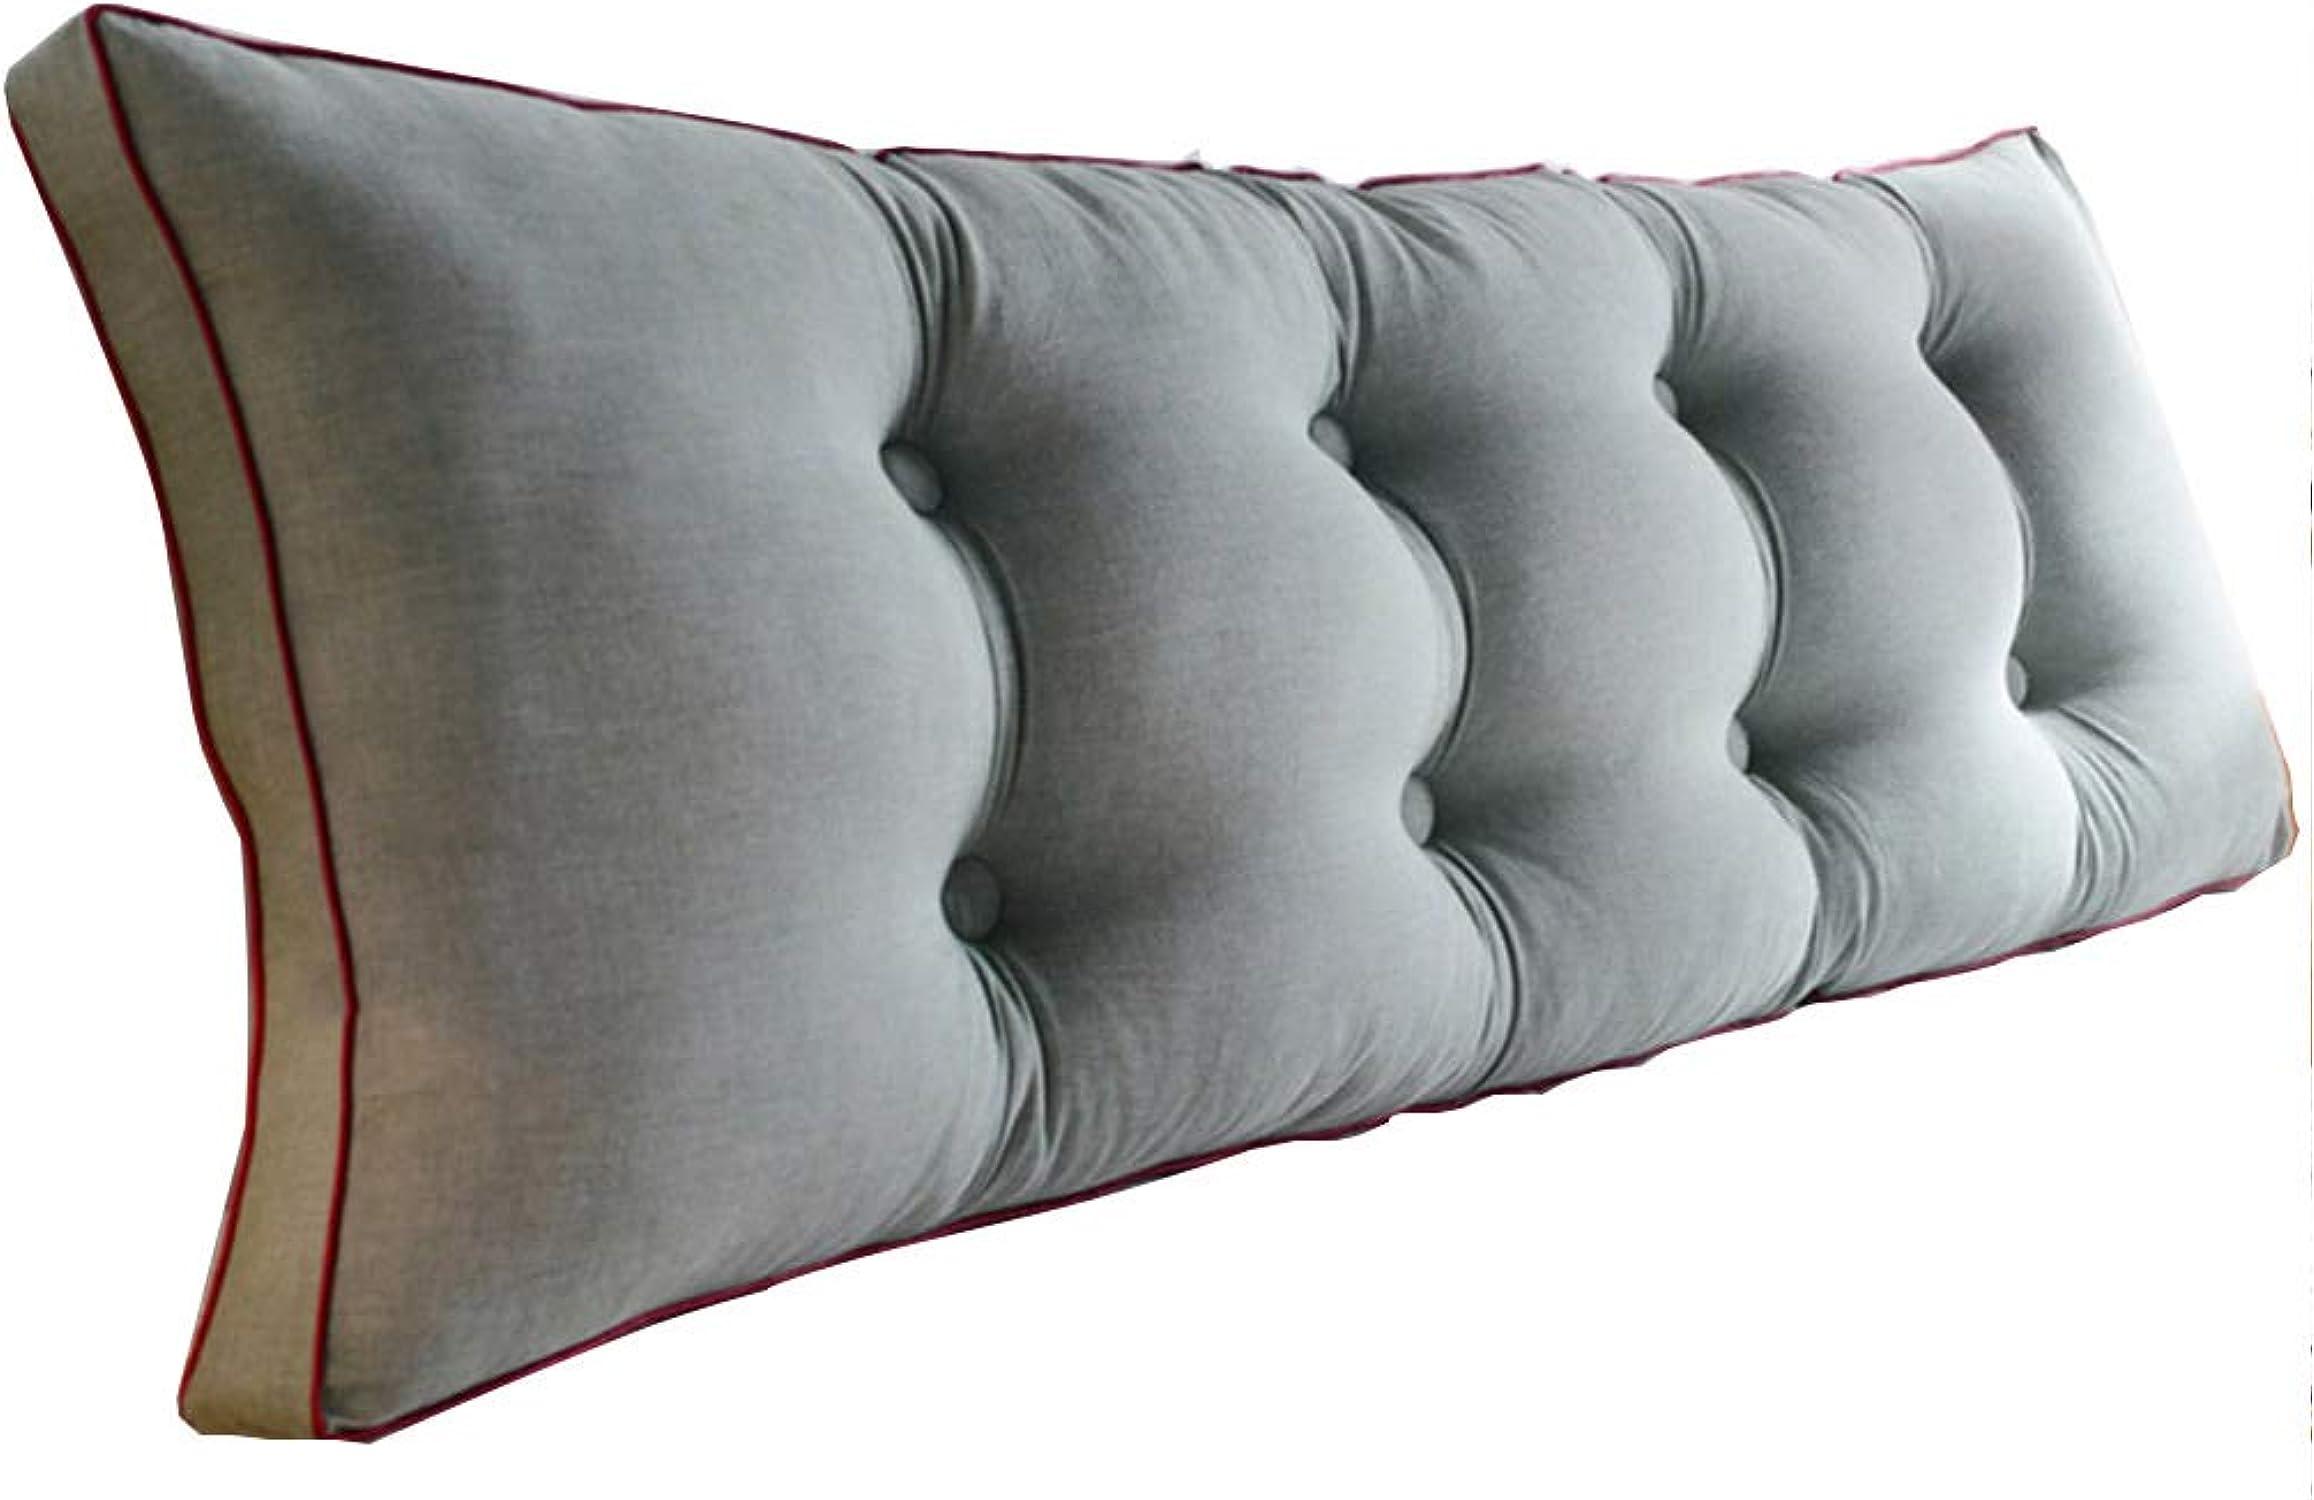 BTPDIAN Dos de lit, oreiller long de coussin de canapé, le dossier est positionné pour supporter l'oreiller, la lecture et les oreillers (Couleur   A, taille   180cm)